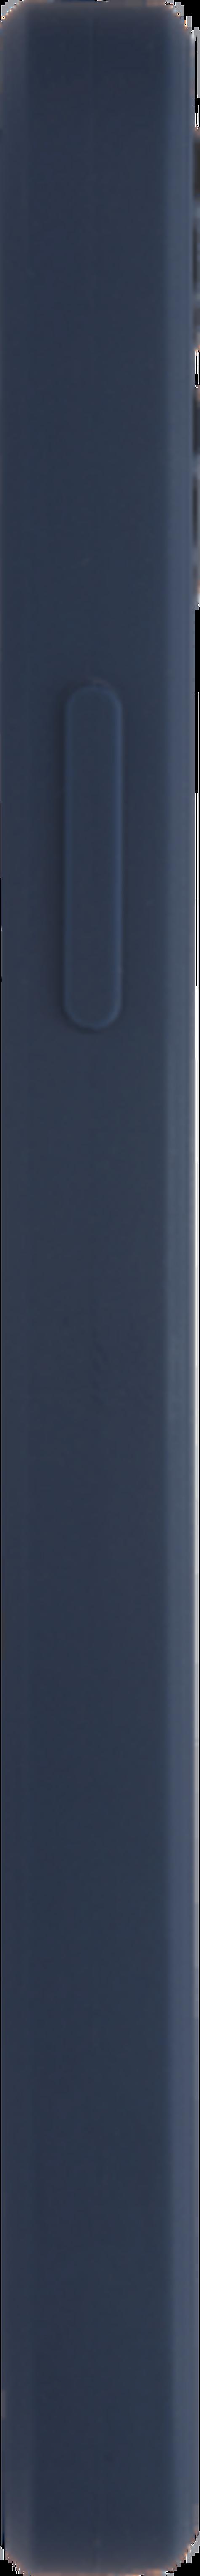 43413 - Side